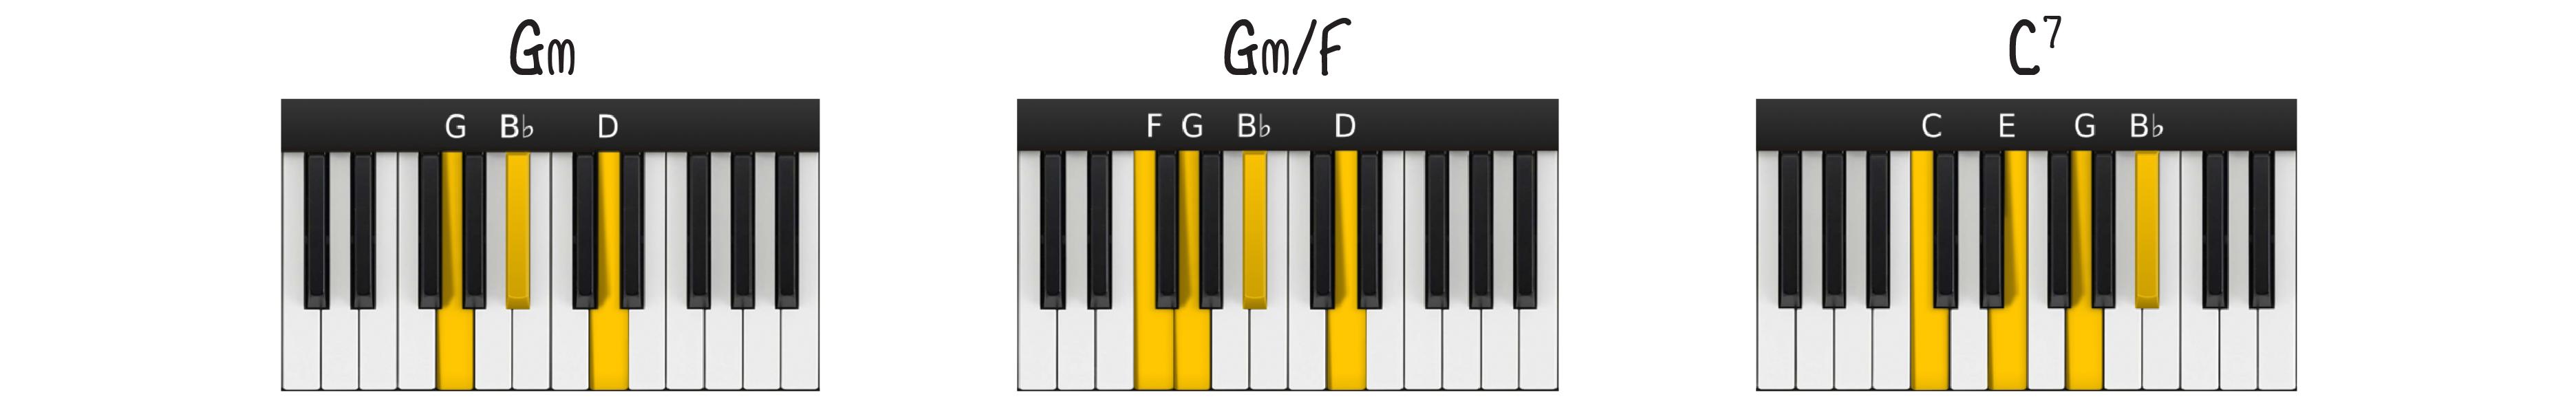 Rock Piano Chord Progression